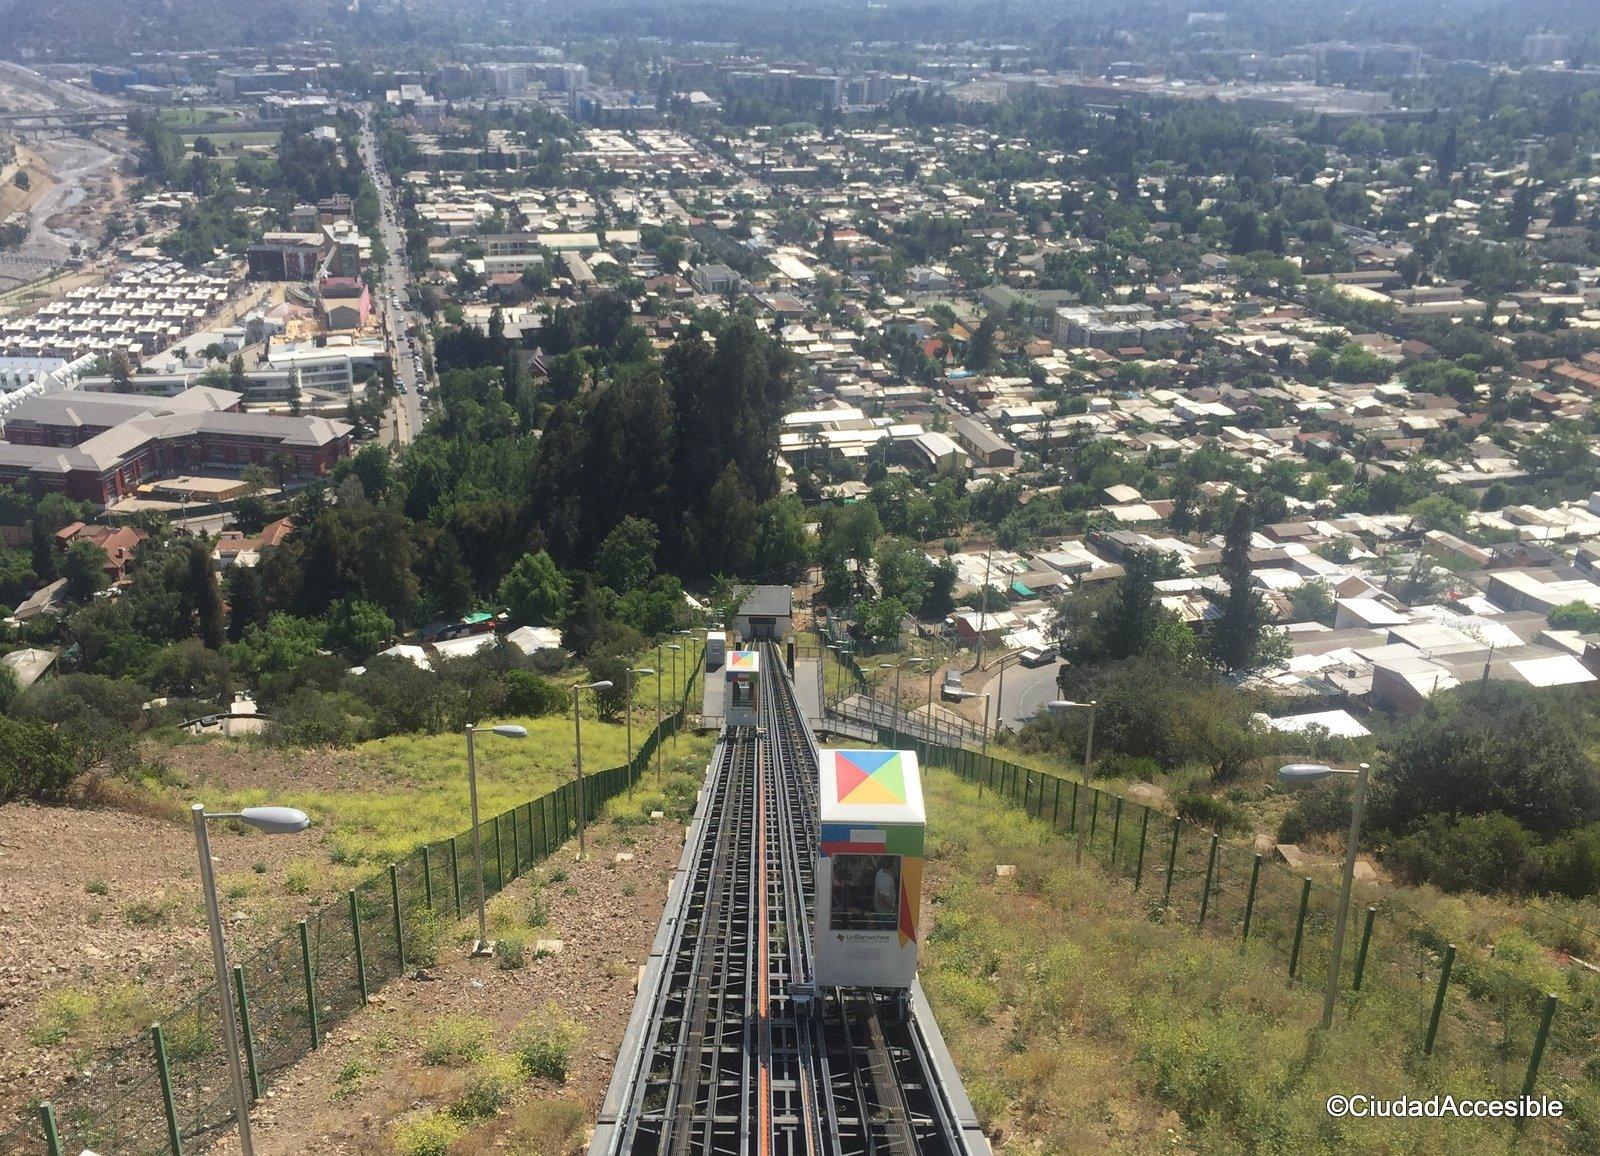 Vista del Ascensor Cerro 18 en Lo Barnechea hacia la ciudad